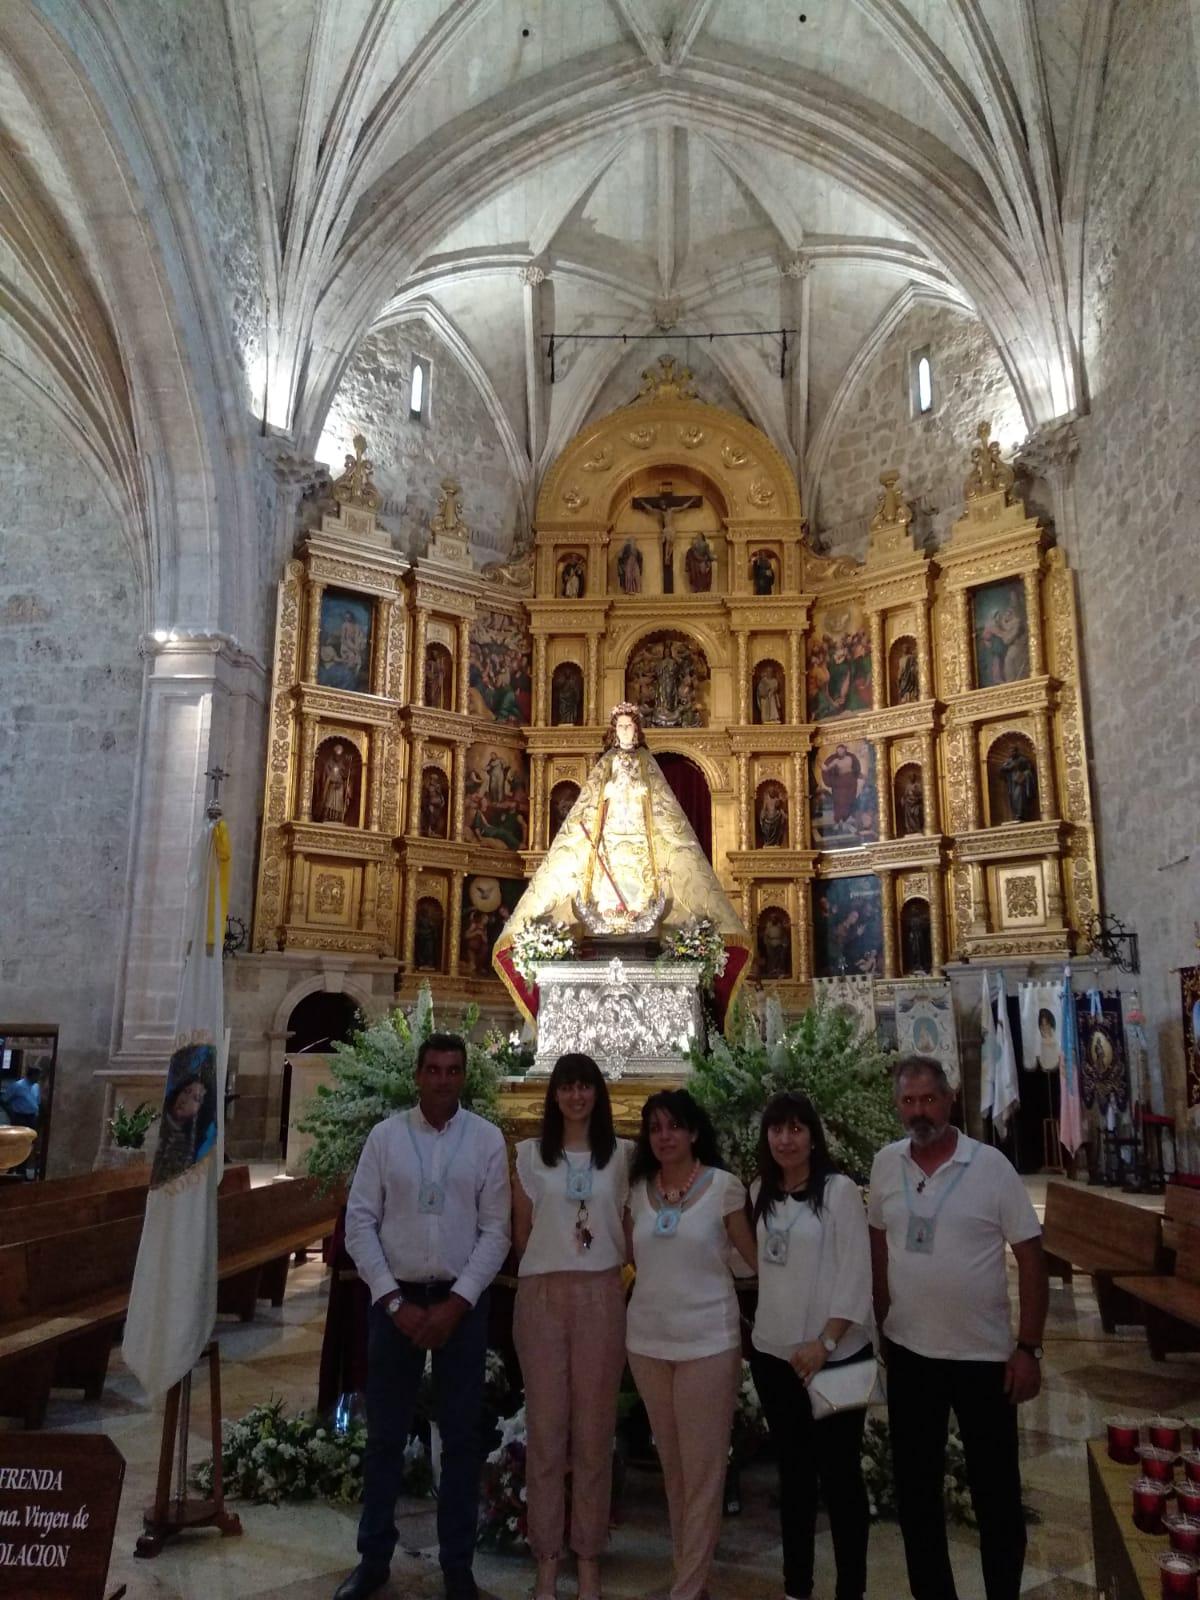 Miembros de la Hermandad de la Inmaculada en Valdepeñas - Miembros de la hermandad de la Inmaculada participan en los actos de la coronación pontificia de la Virgen de la Consolación de Valdepeñas